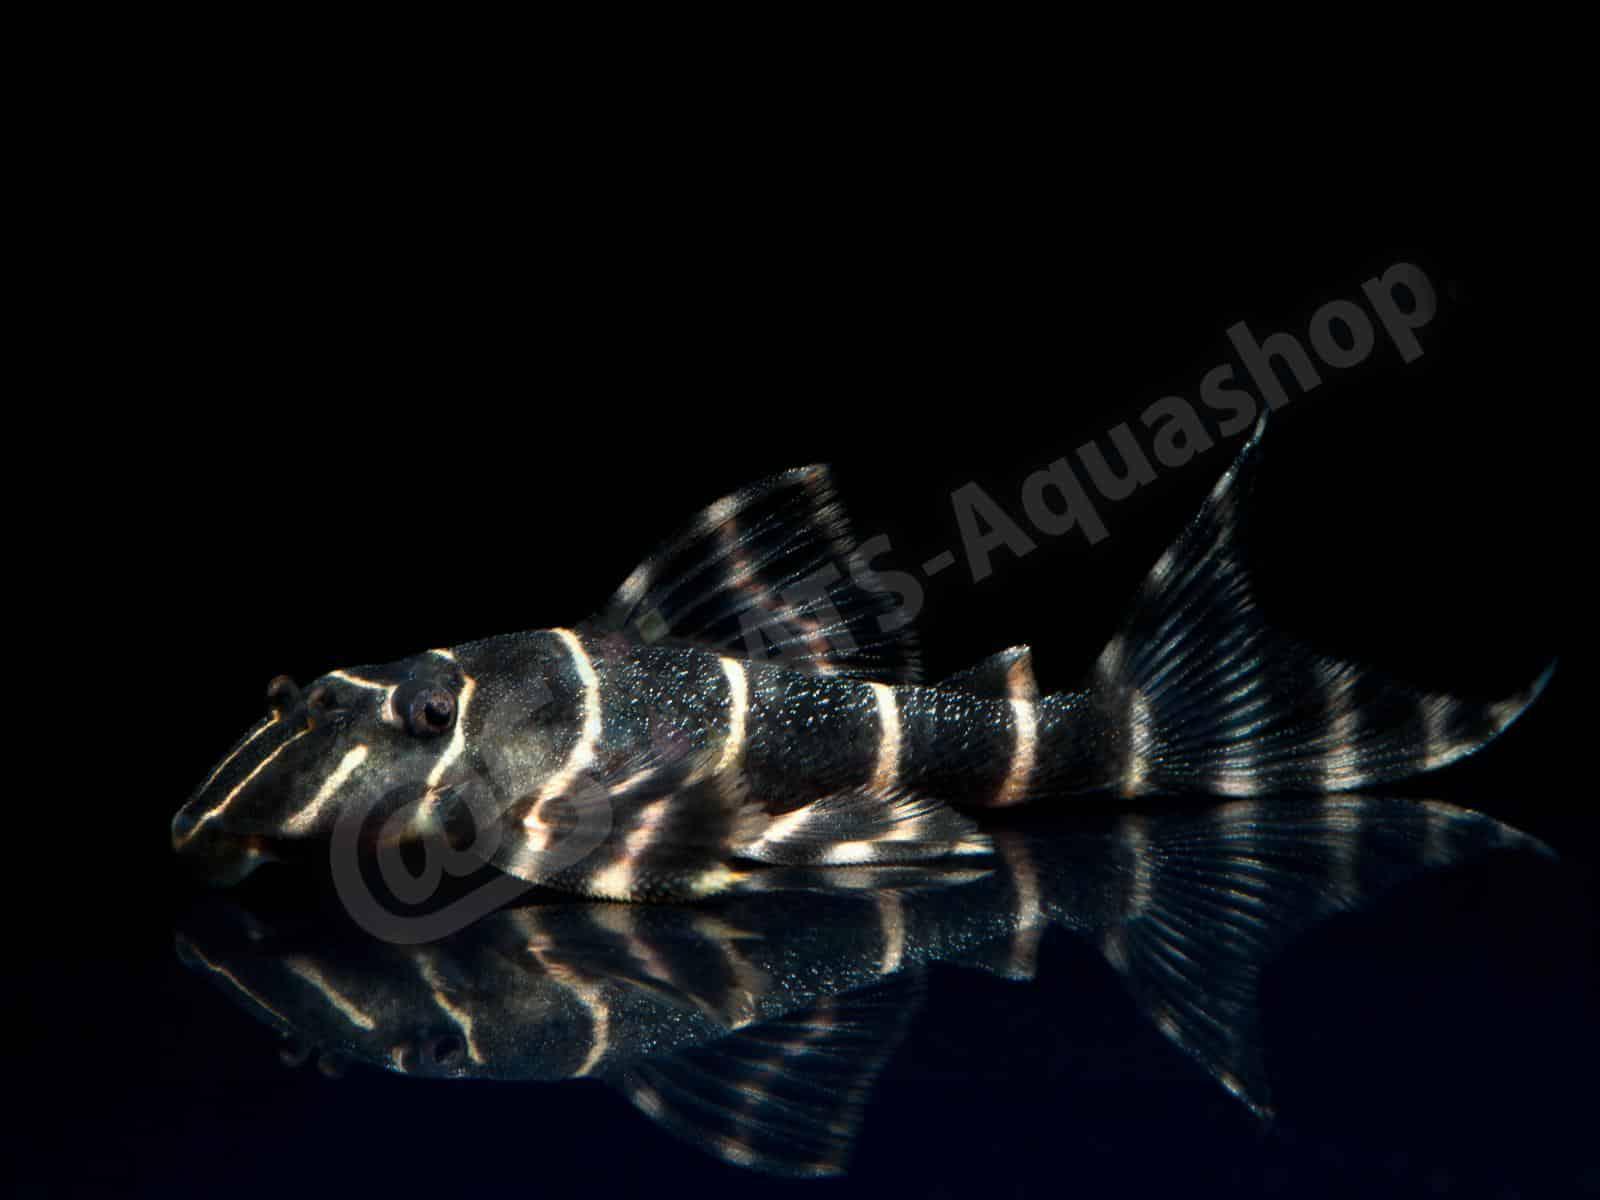 panaqolus albivermis l 204 enrico richter 0226 6